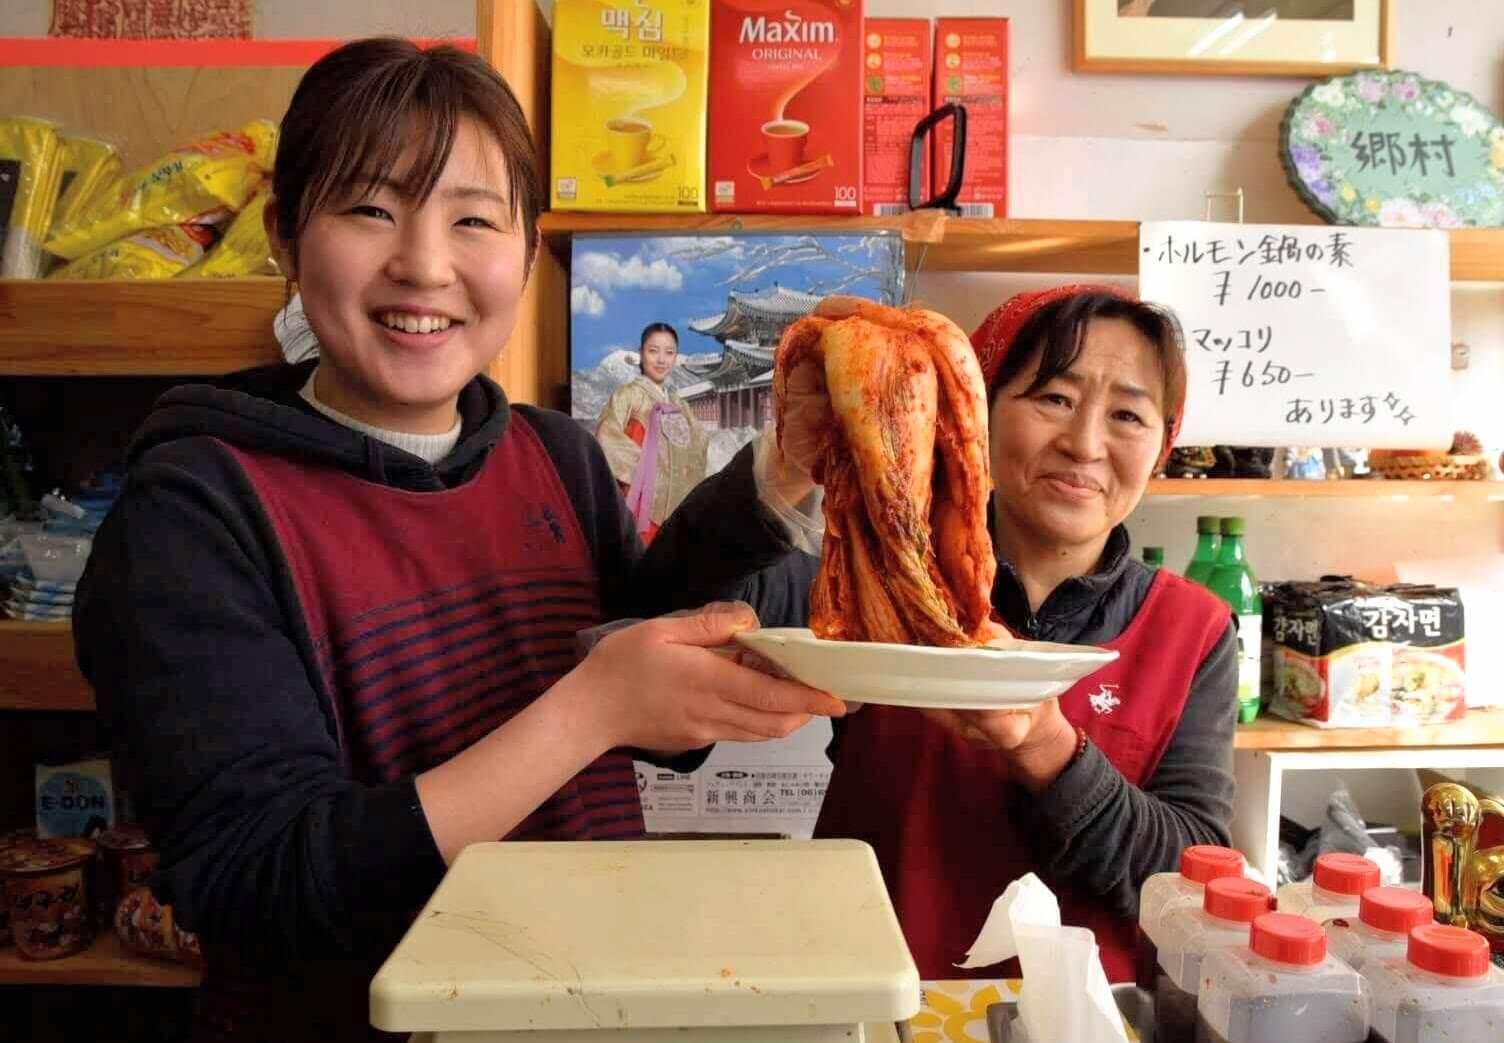 郷村(ヒャンチョン)のオモニと娘さん